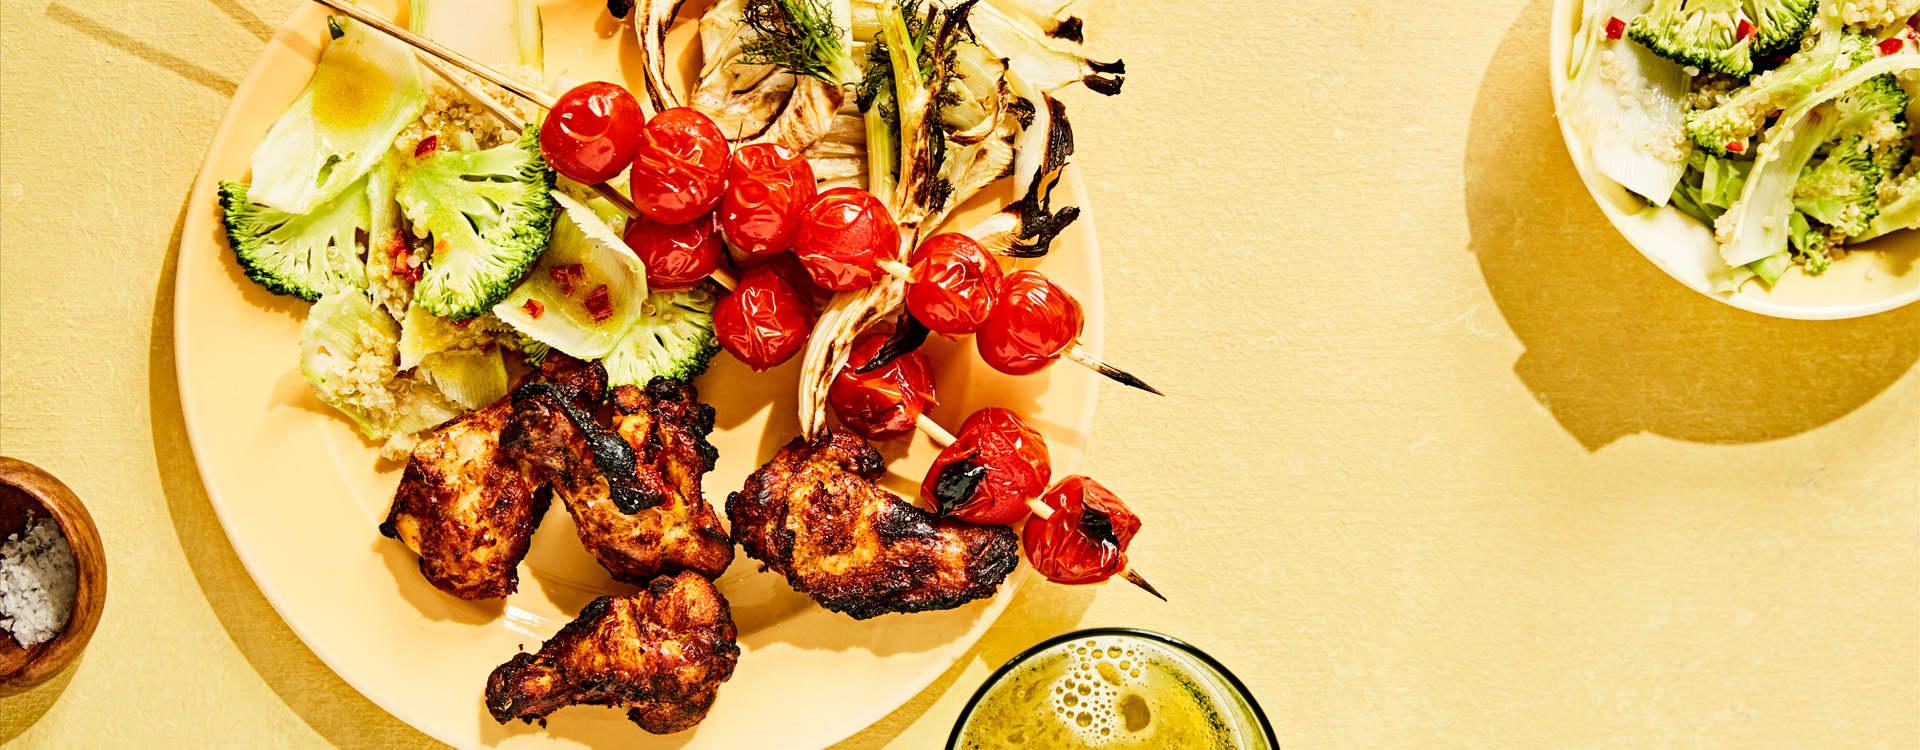 Grillet kylling overvinge med quinoasalat, grillede cherrytomater og fennikel